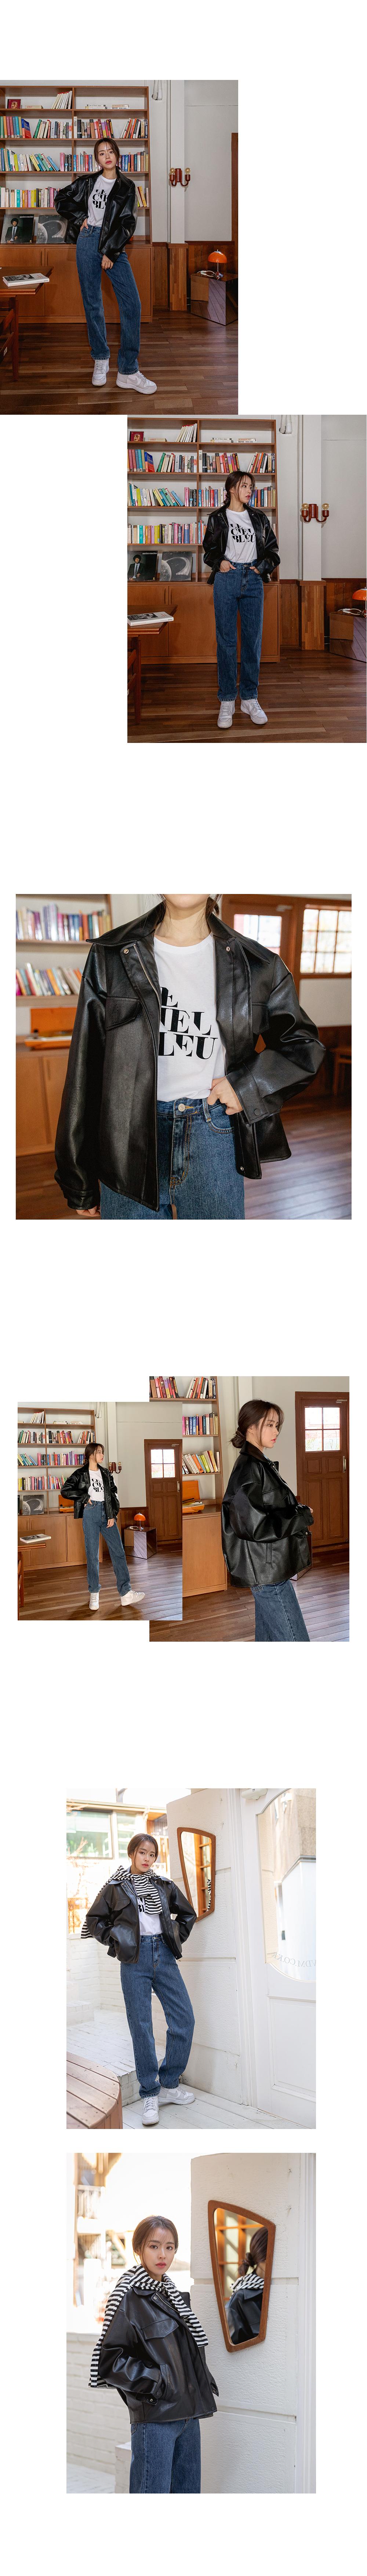 Rodri leather jacket